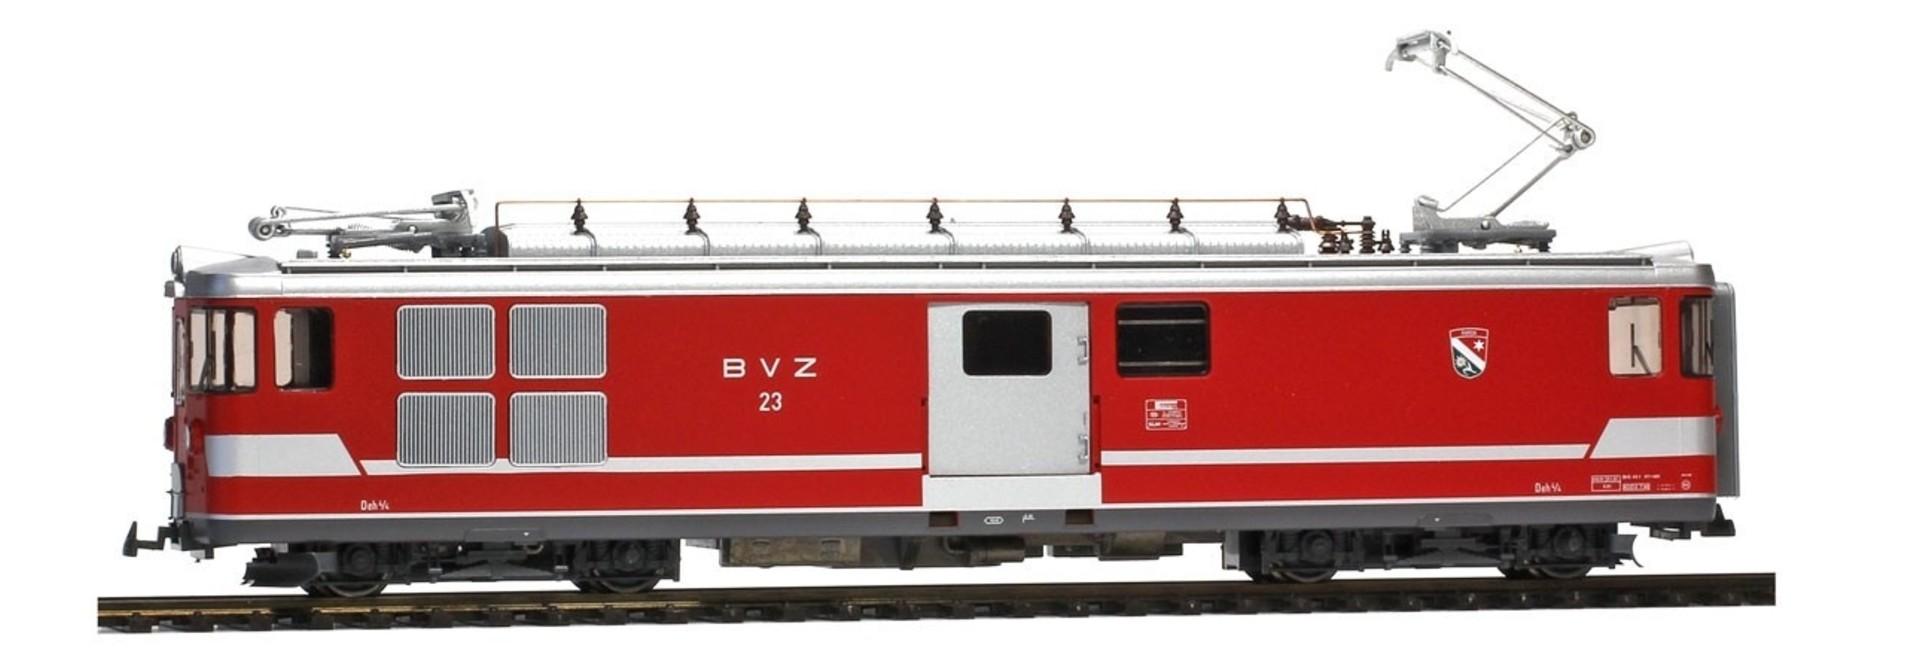 """1263513 BVZ Deh 4/4 23 """"Randa"""" Gepäcktriebwagen"""